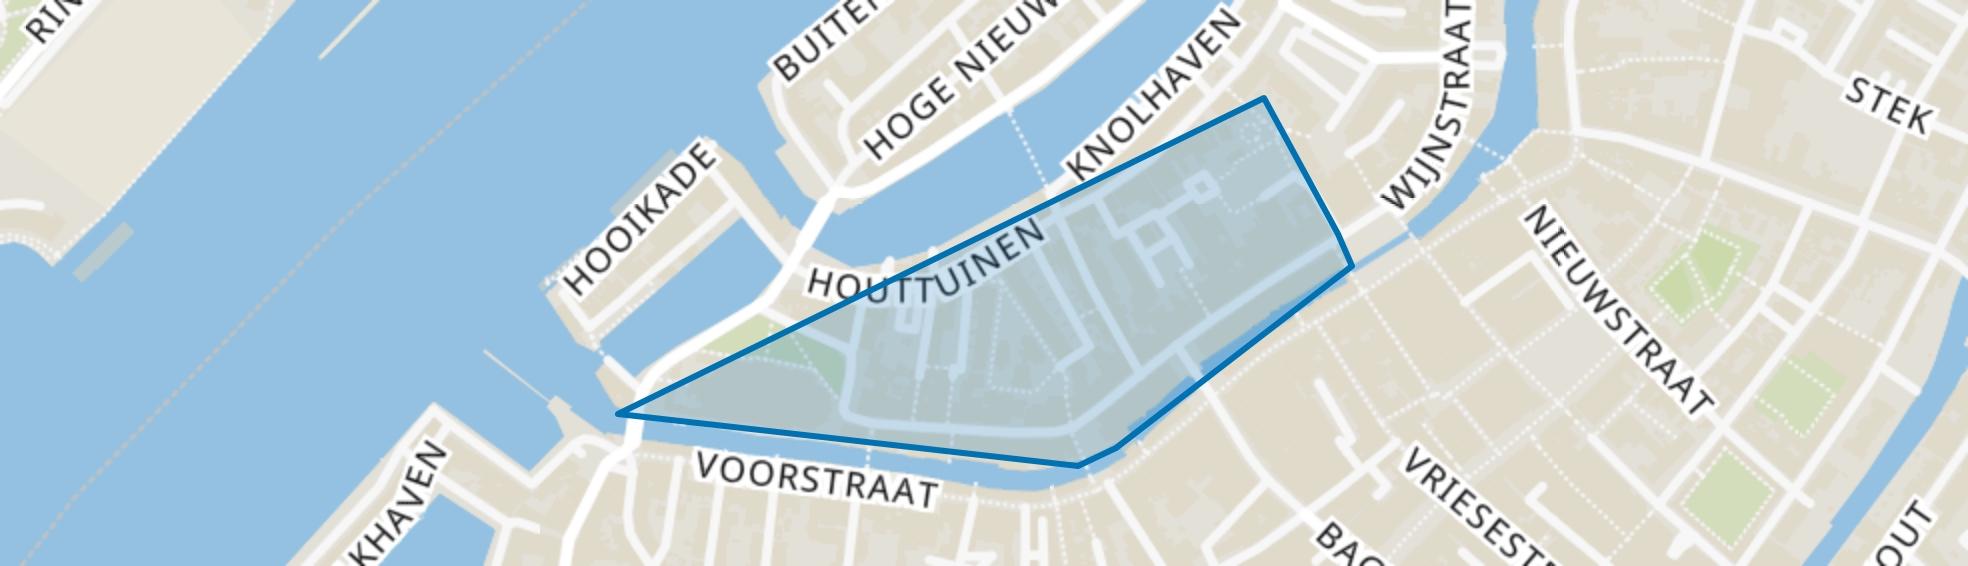 Groenmarkt en omgeving, Dordrecht map